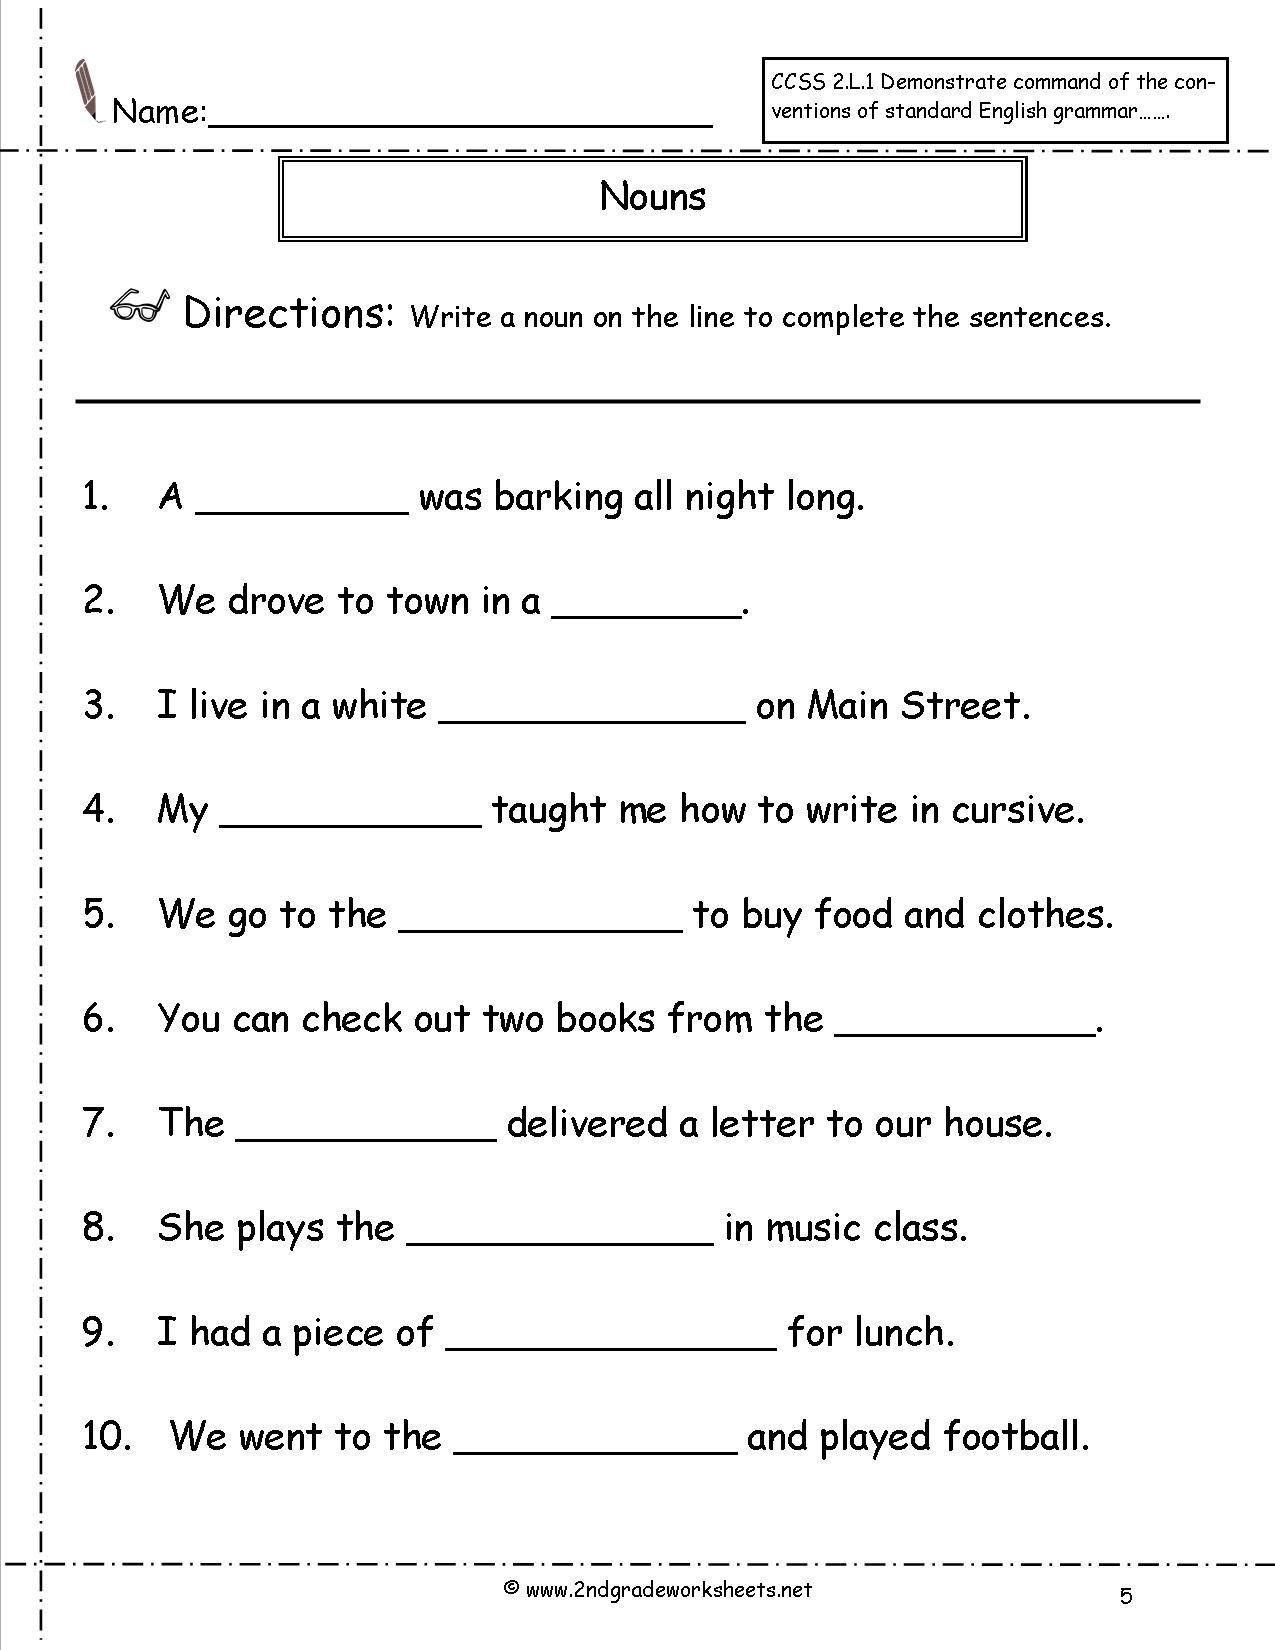 17 Best Images Of 6th Grade Gender Noun Worksheets